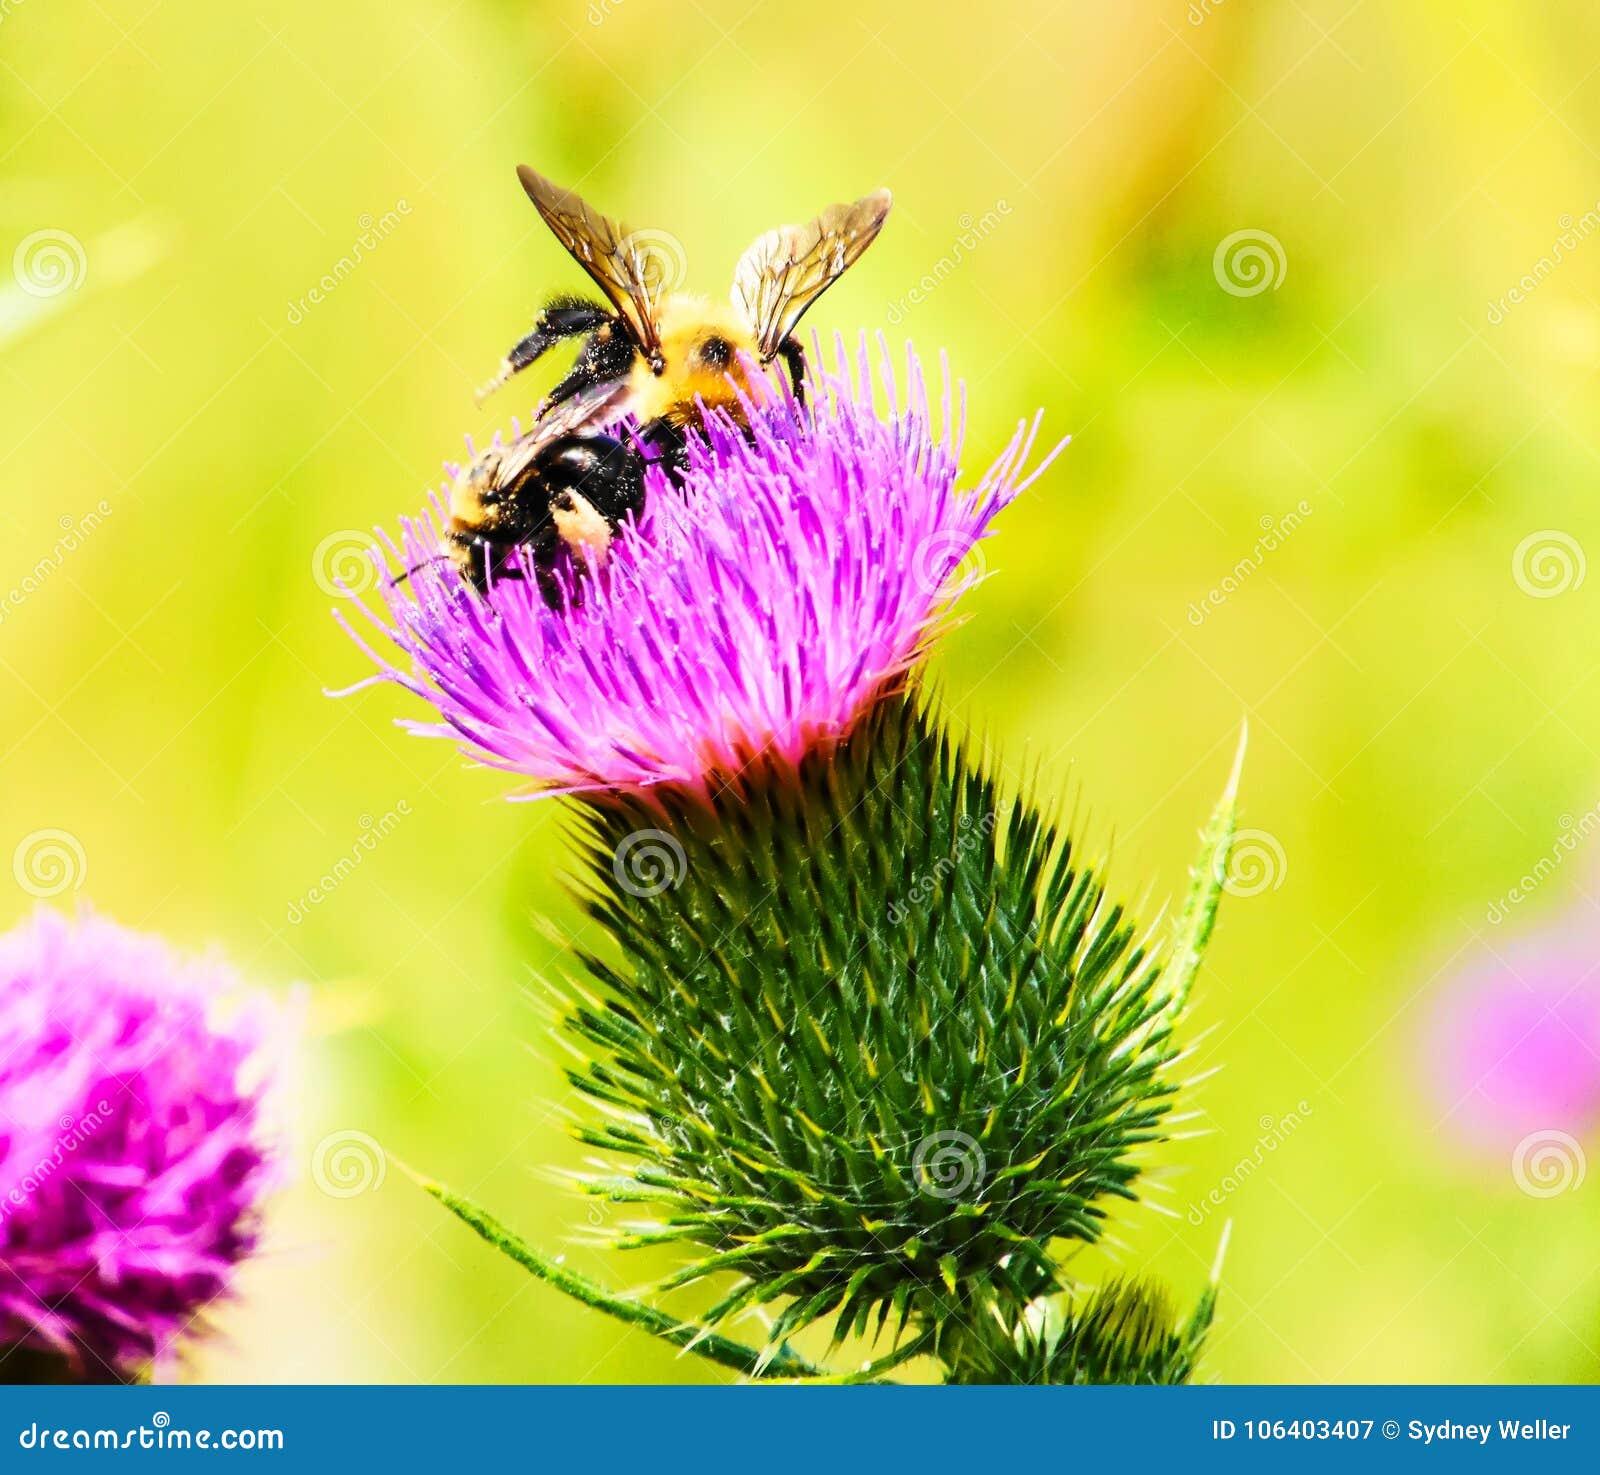 Μια μέλισσα σε ένα λουλούδι: Πίνοντας νέκταρ